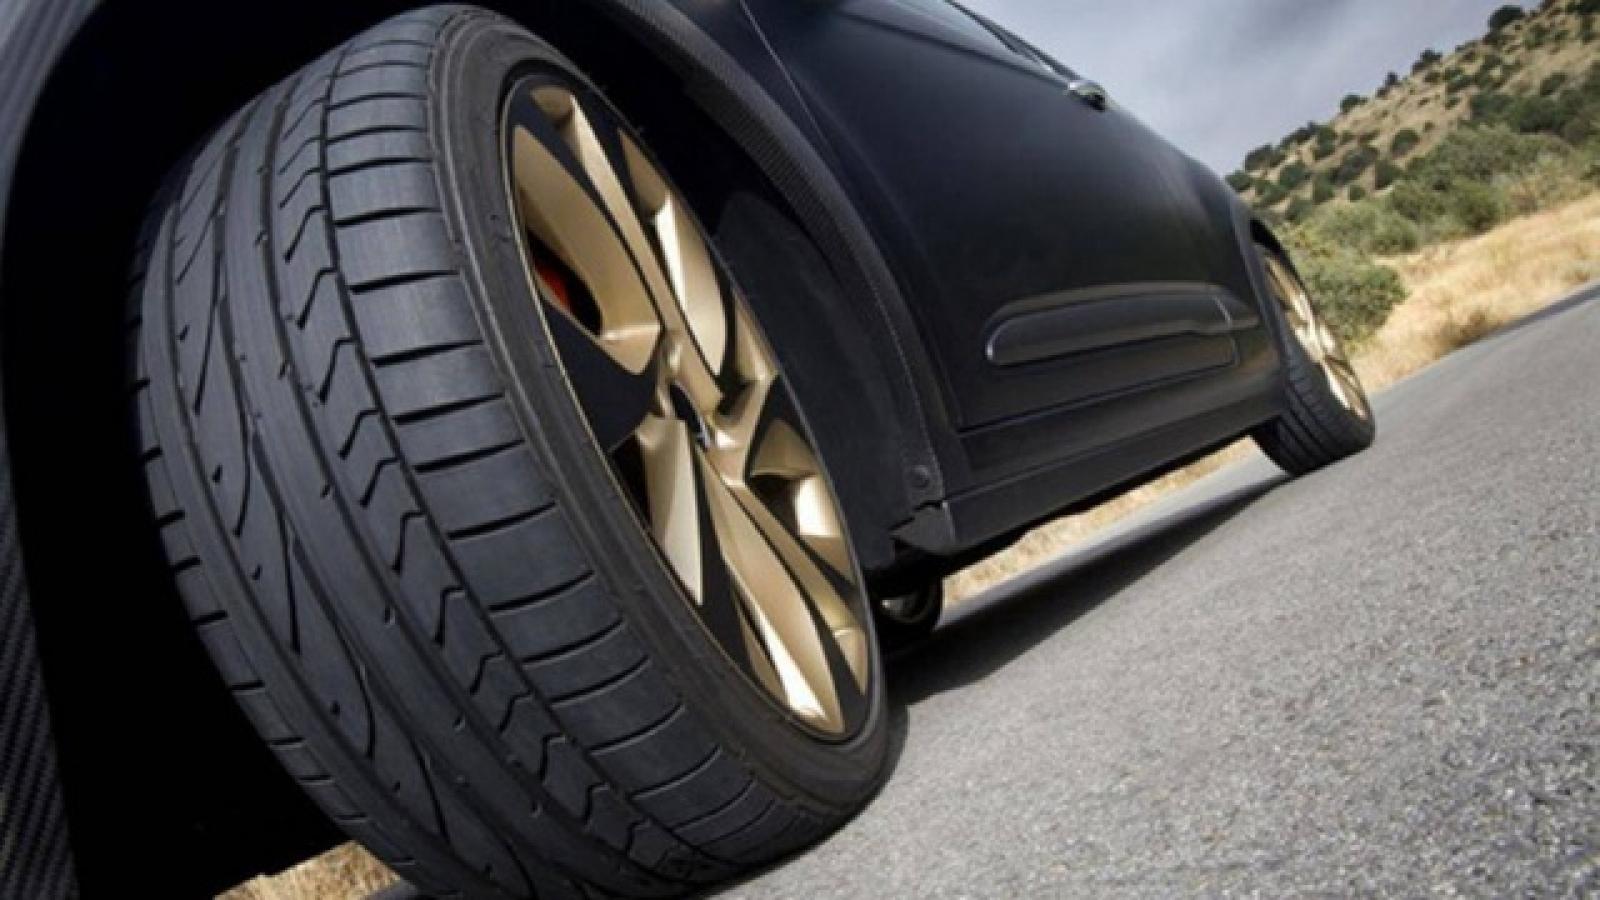 Những phụ kiện không nên lắp đặt trên ô tô nếu không muốn bị từ chối đăng kiểm